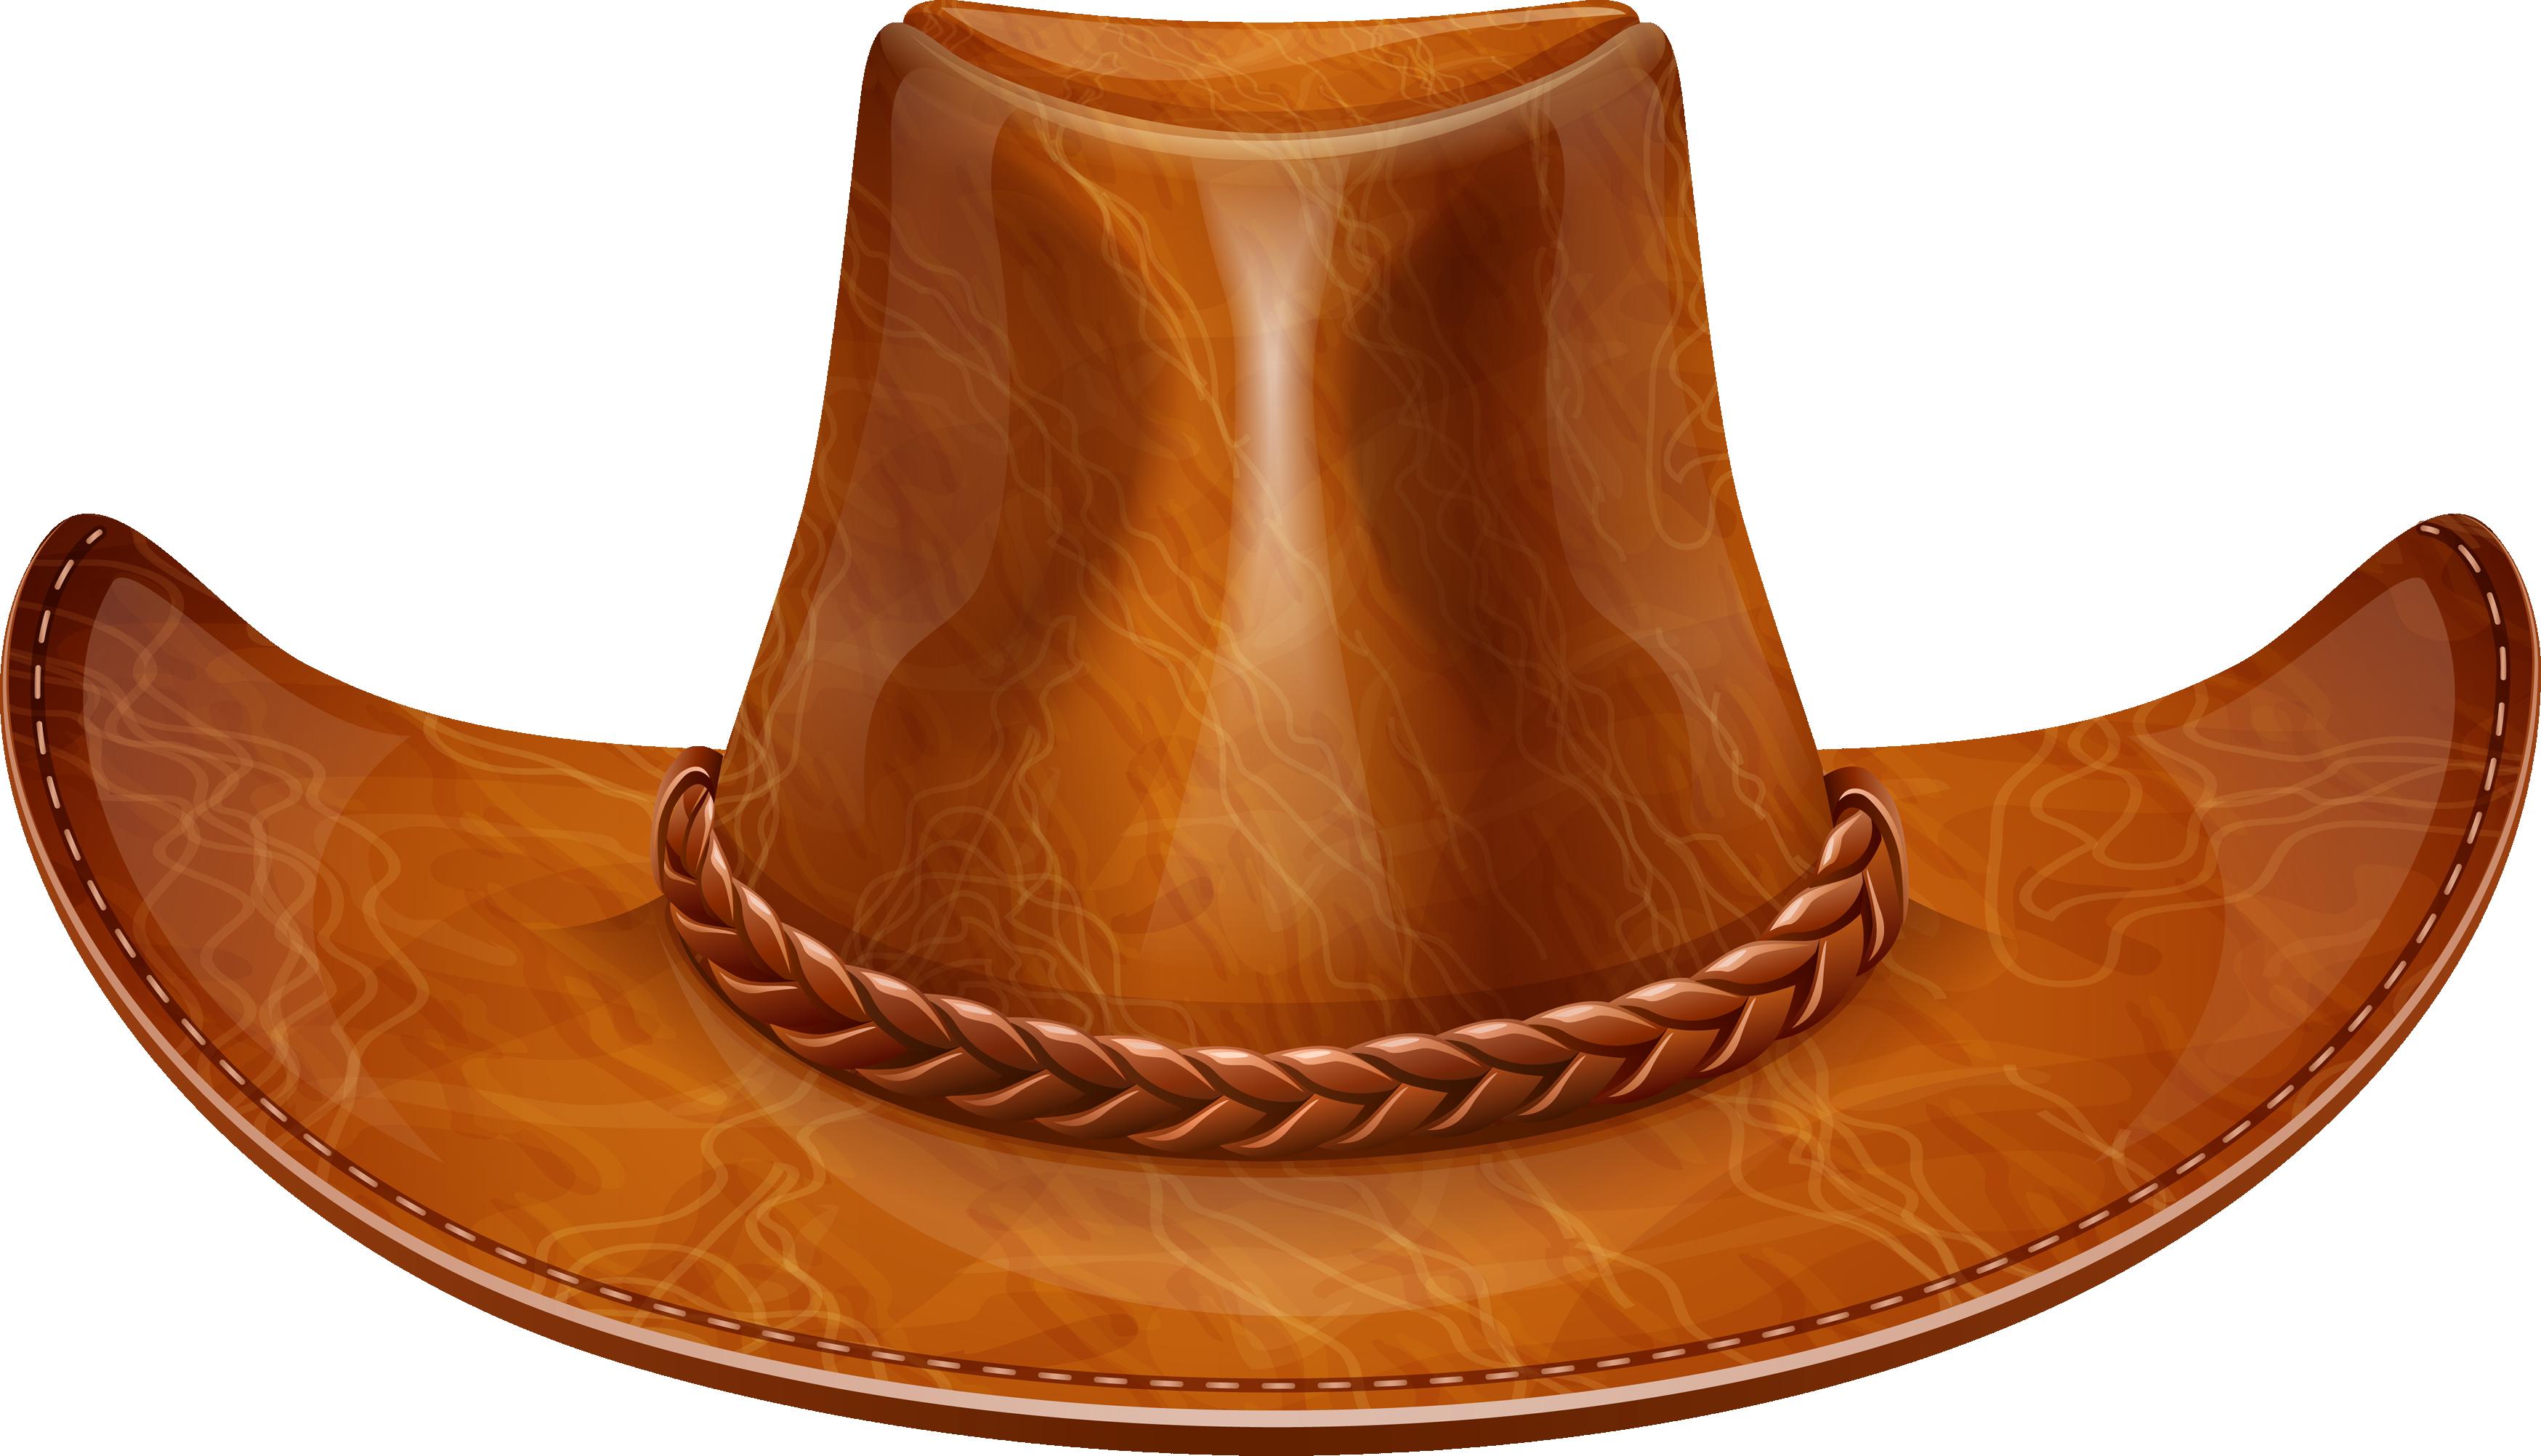 Cowboy hat PNG image - Hat PNG